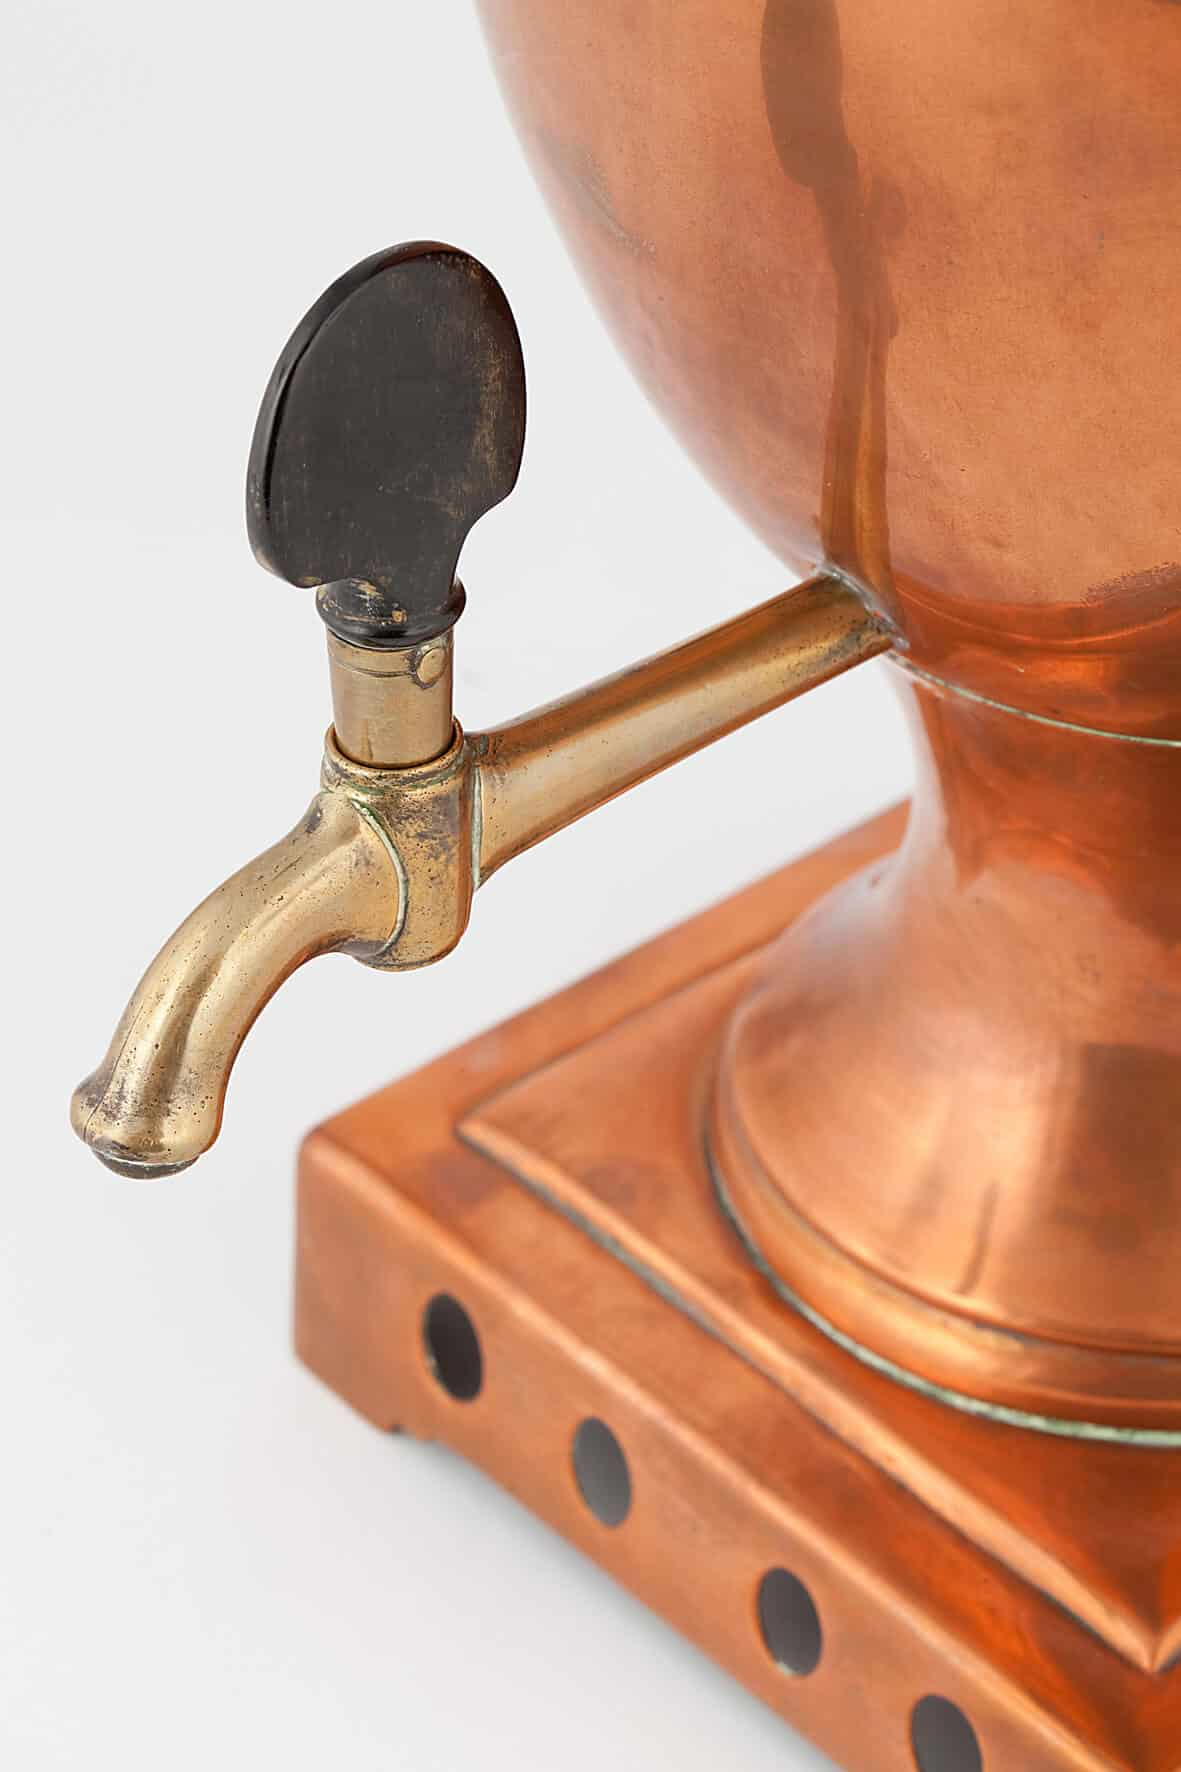 КБ 419 | Самовар-ваза в классическом стиле | Музей самоваров и бульоток